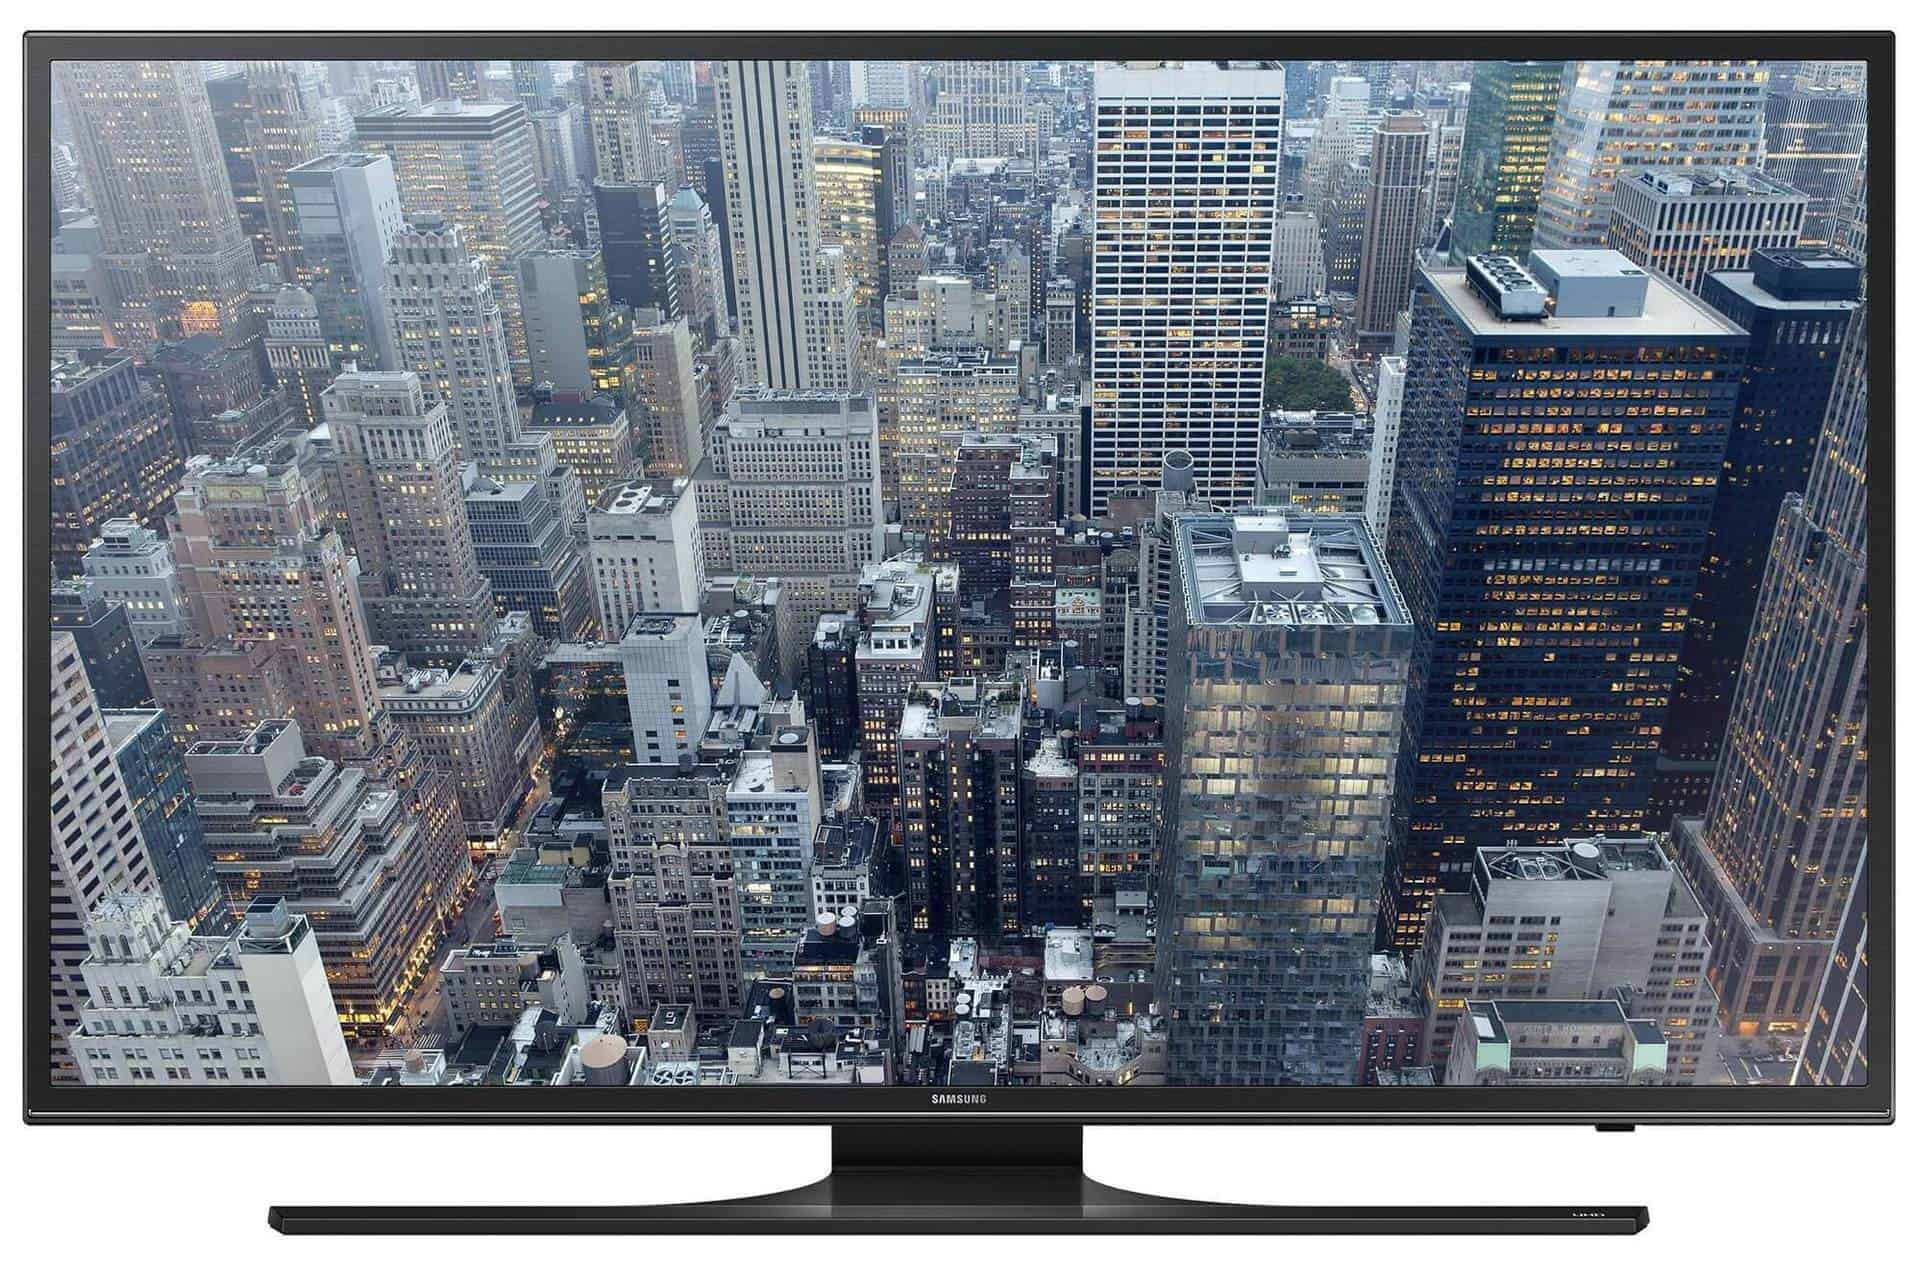 Samsung 48JU6480 - televizor LED de 121 centimetri cu rezolutie UHD 4K!